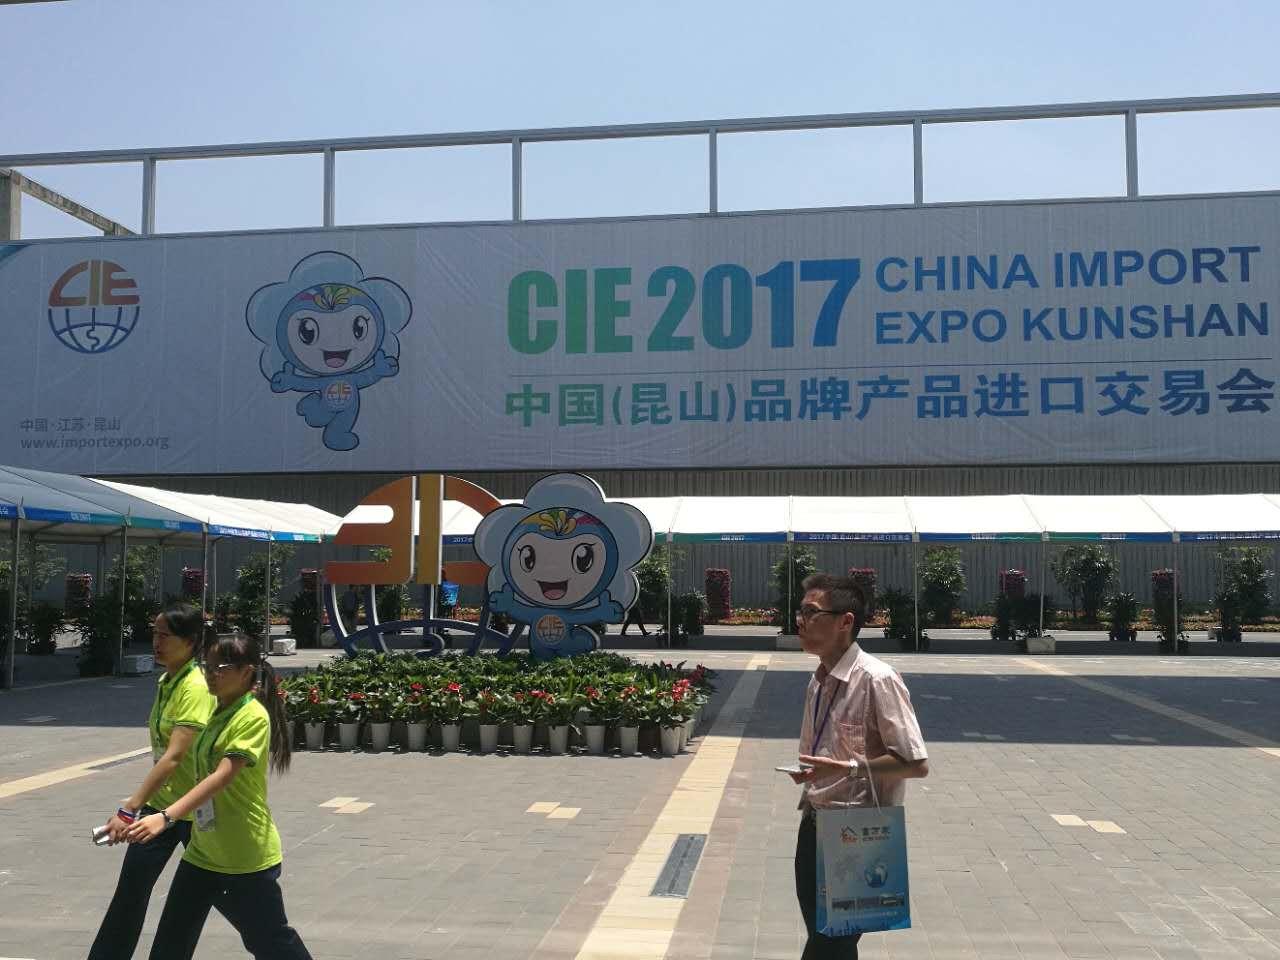 2017中国(昆山)品牌产品进口交易会-电商专场对接会成功举办